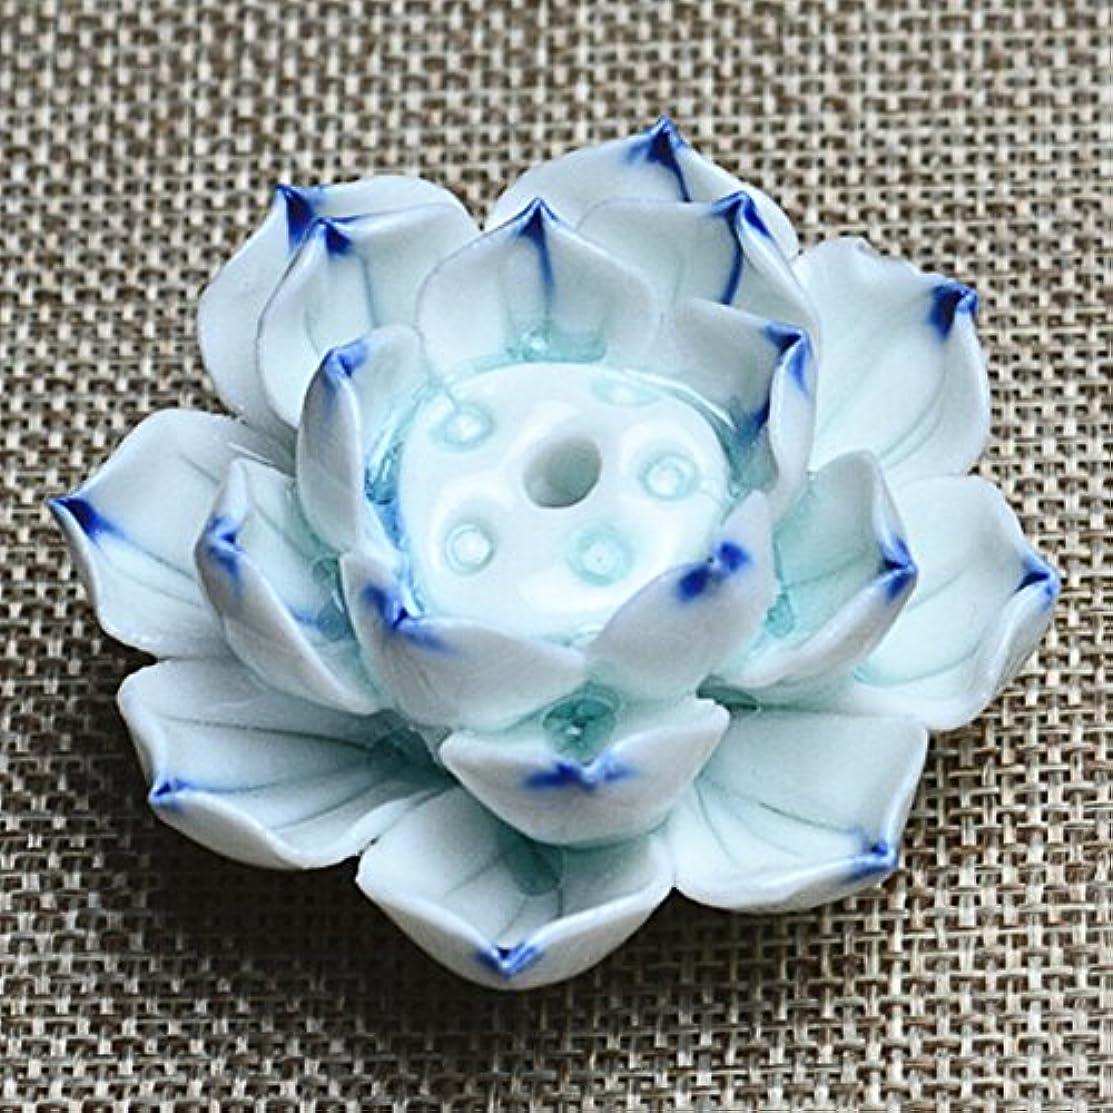 苦しむスリット王族Liebeye セラミック 香炉 バーナー スティック ホルダー アッシュ キャッチャー プレート 1/3穴 ブルー?パープル ポイントの花